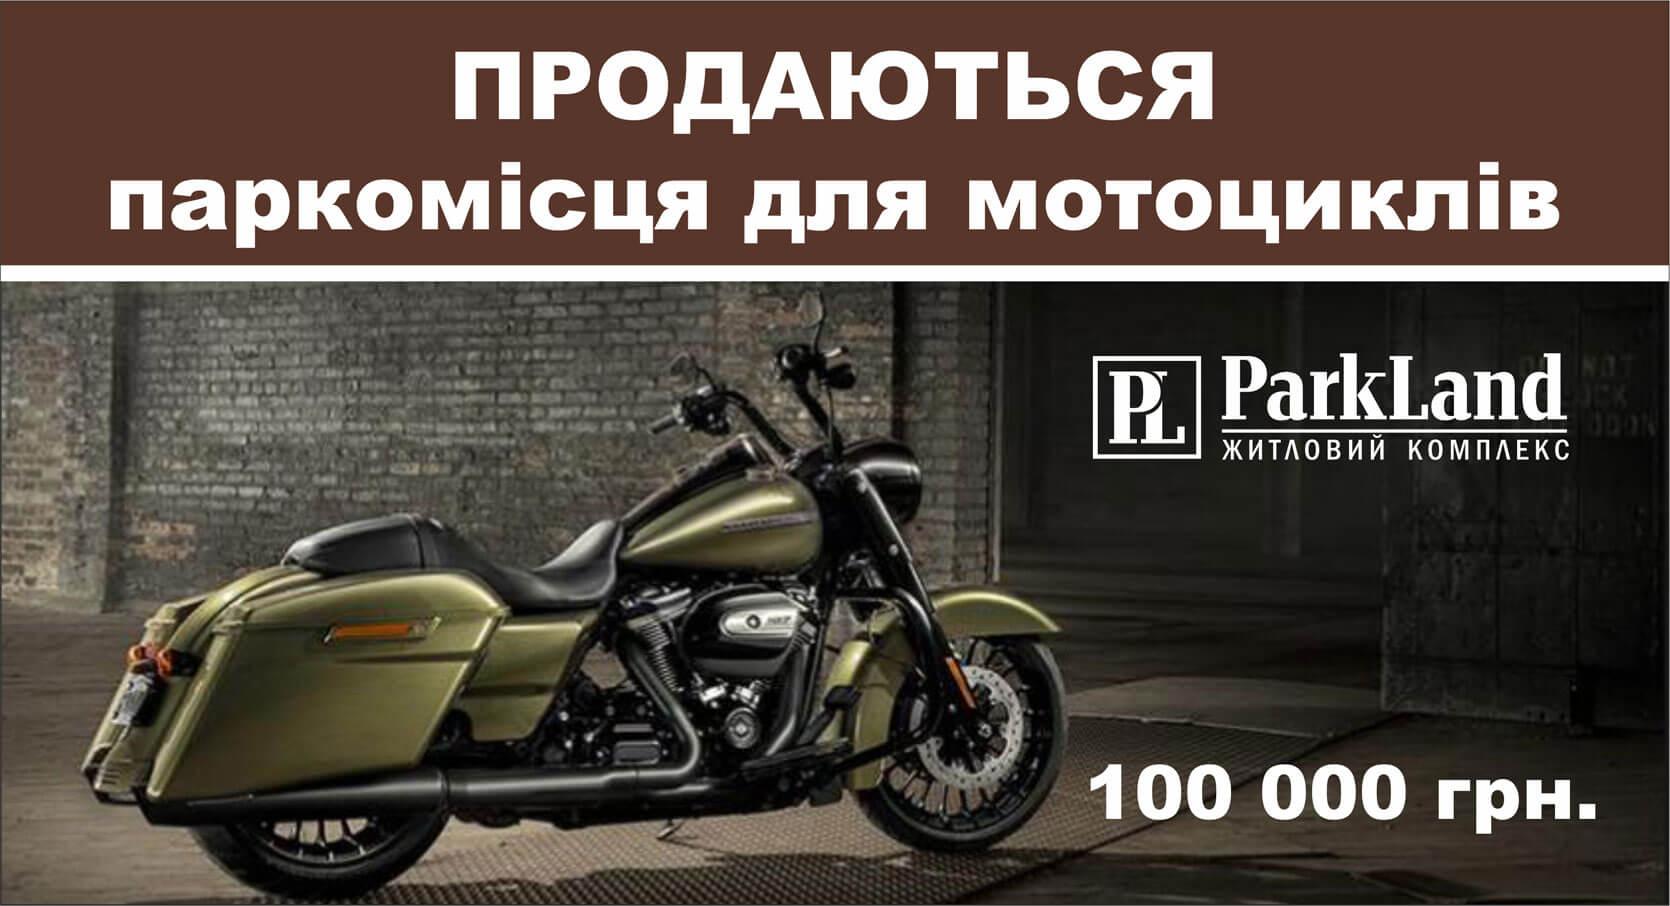 akzii-parkland-motomesto-ukr